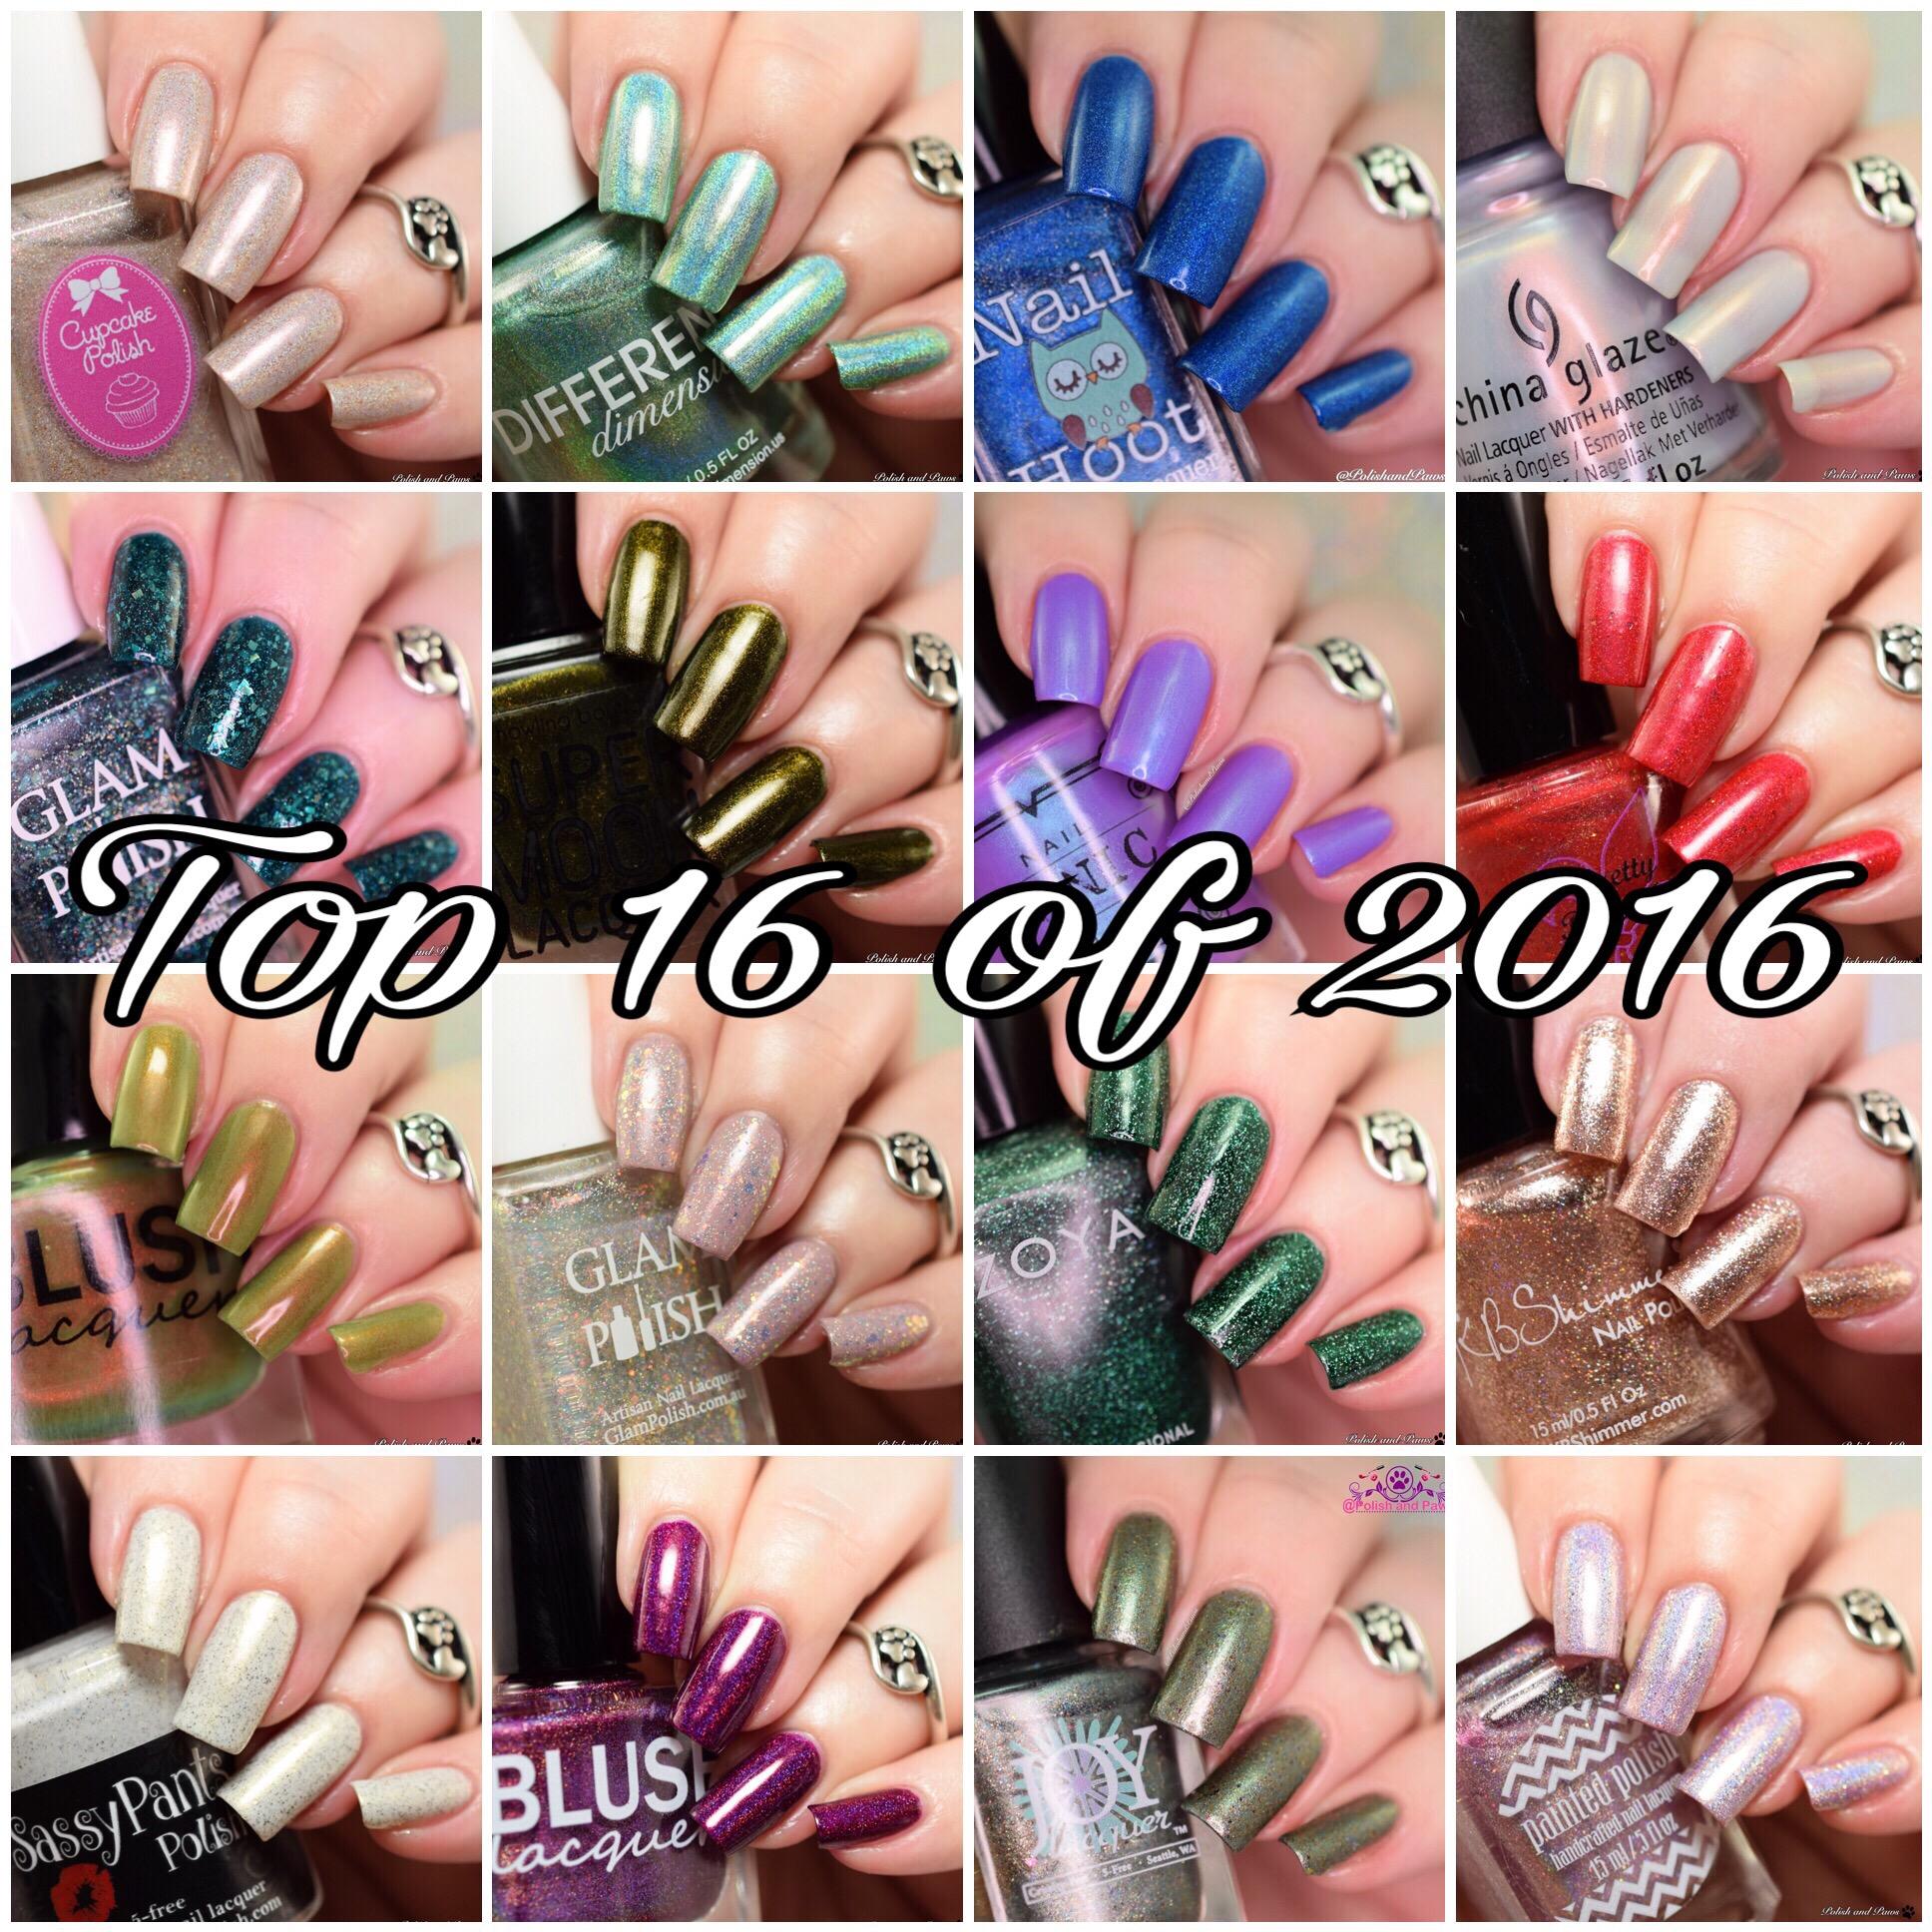 Polish and Paws Blog Top 16 of 2016